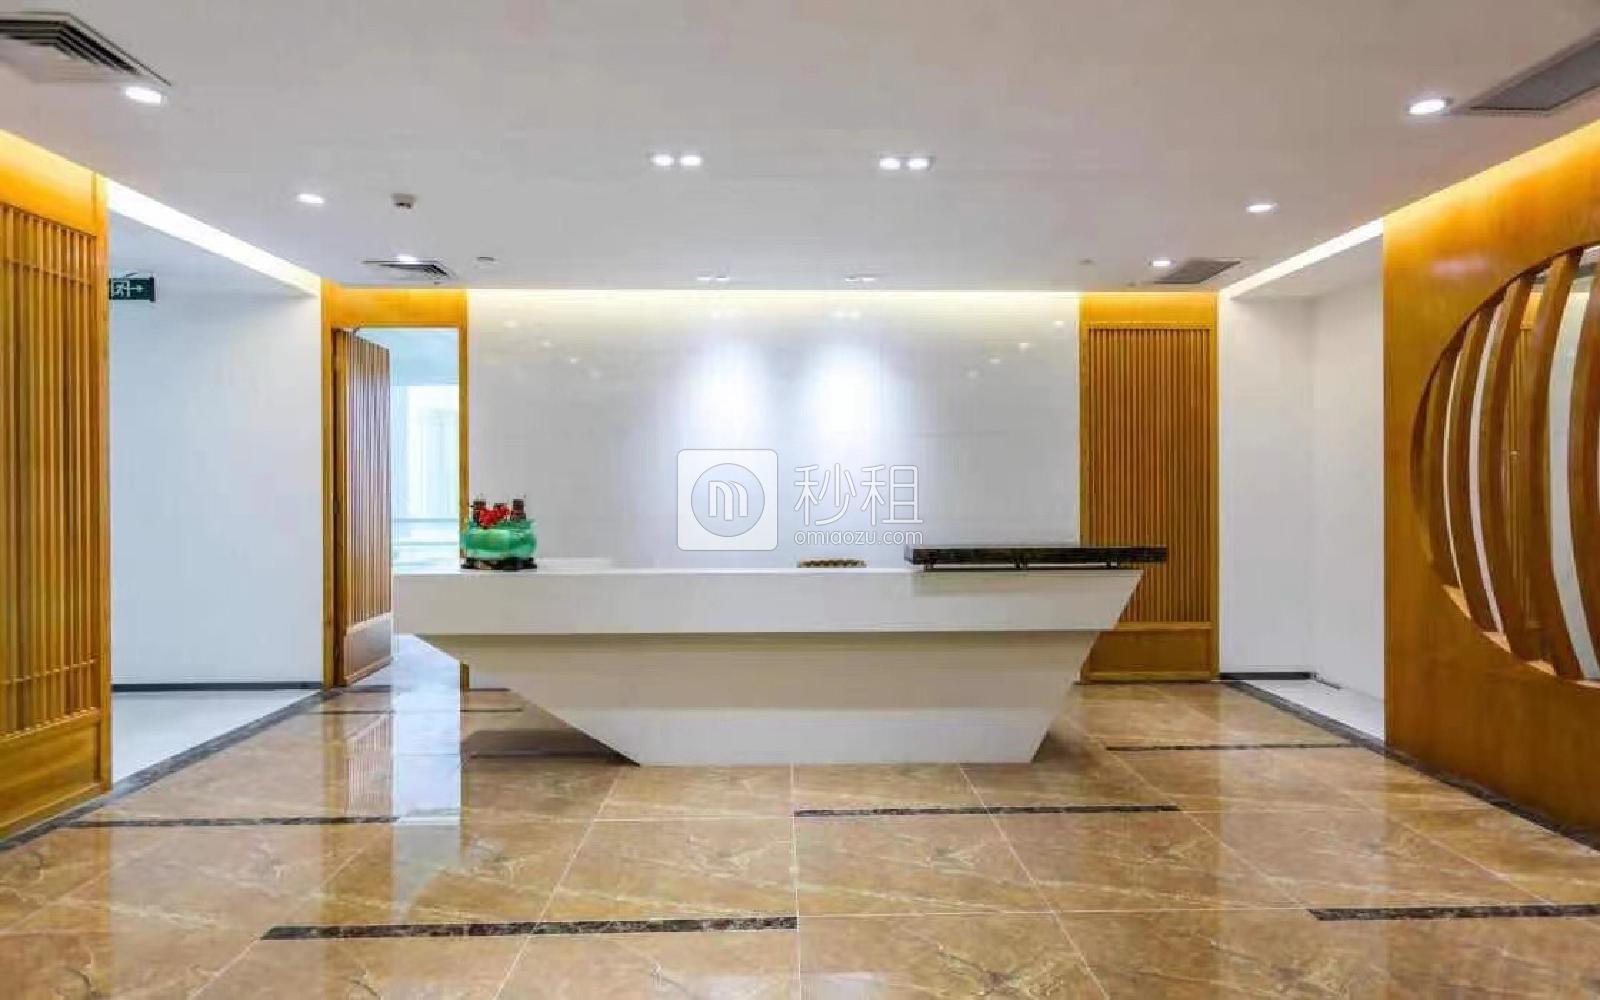 南山-后海 怡化金融科技大厦 512.0m²